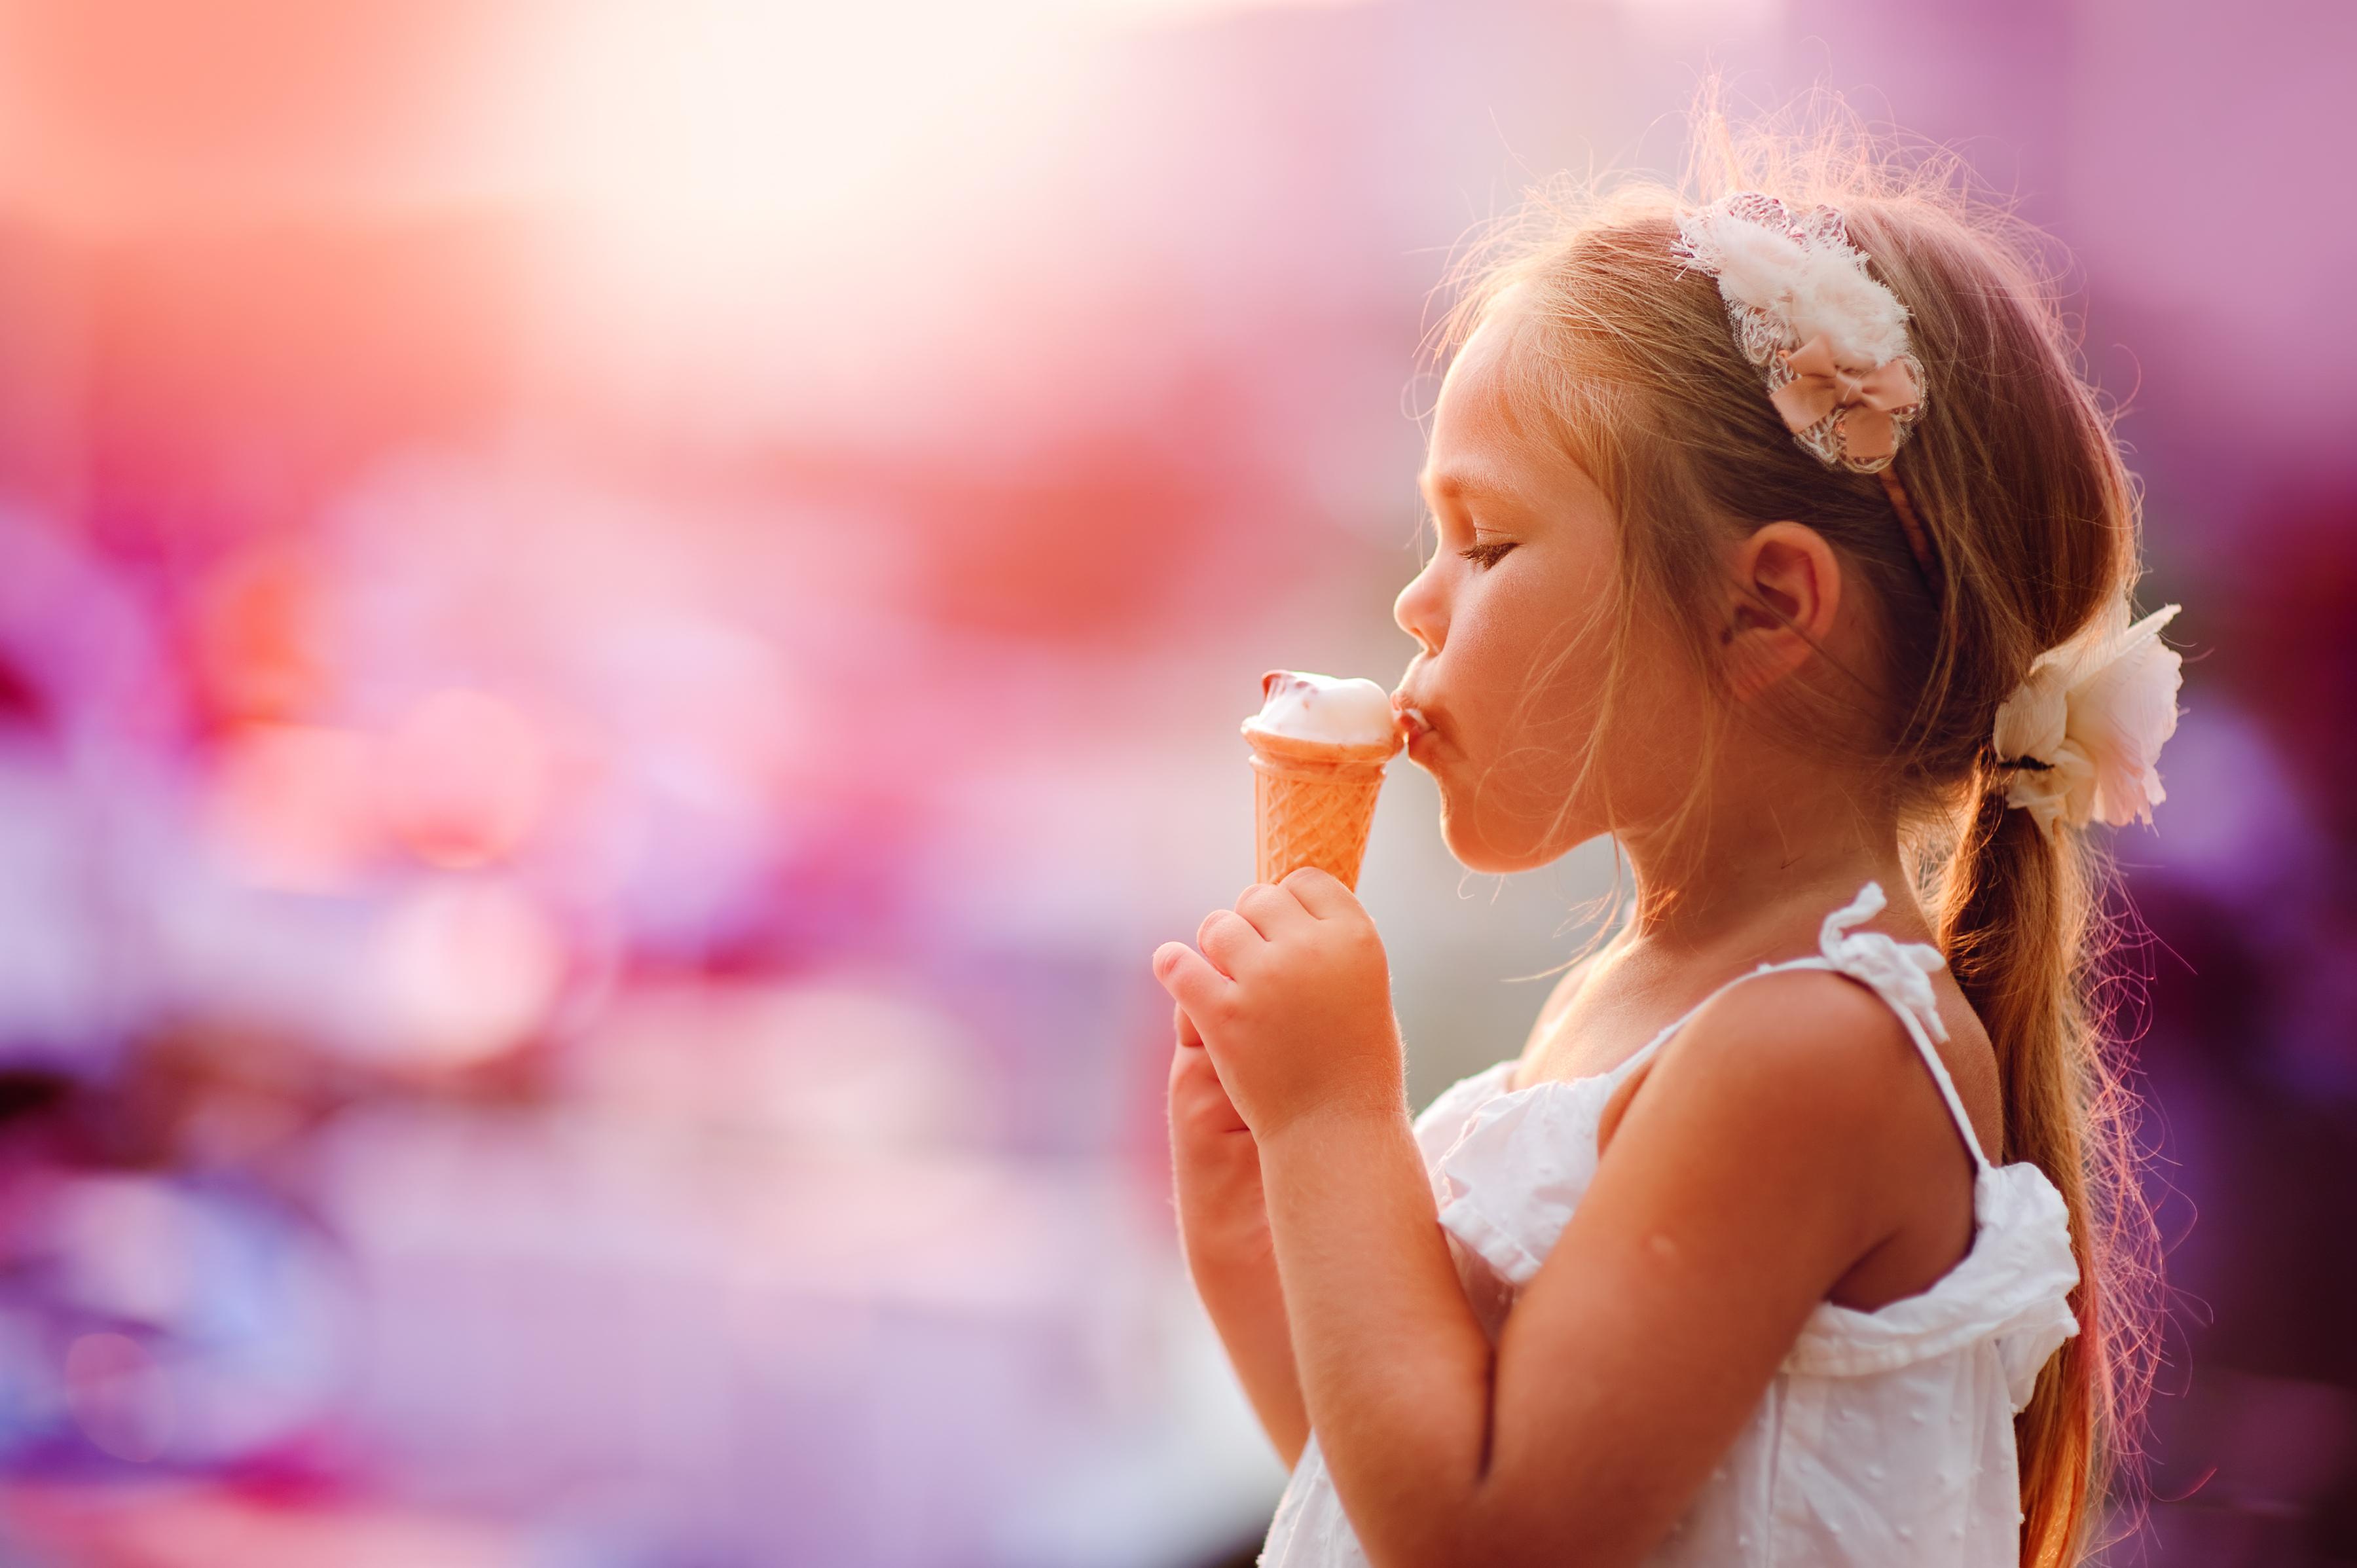 Картинка девочка с мороженым для детей